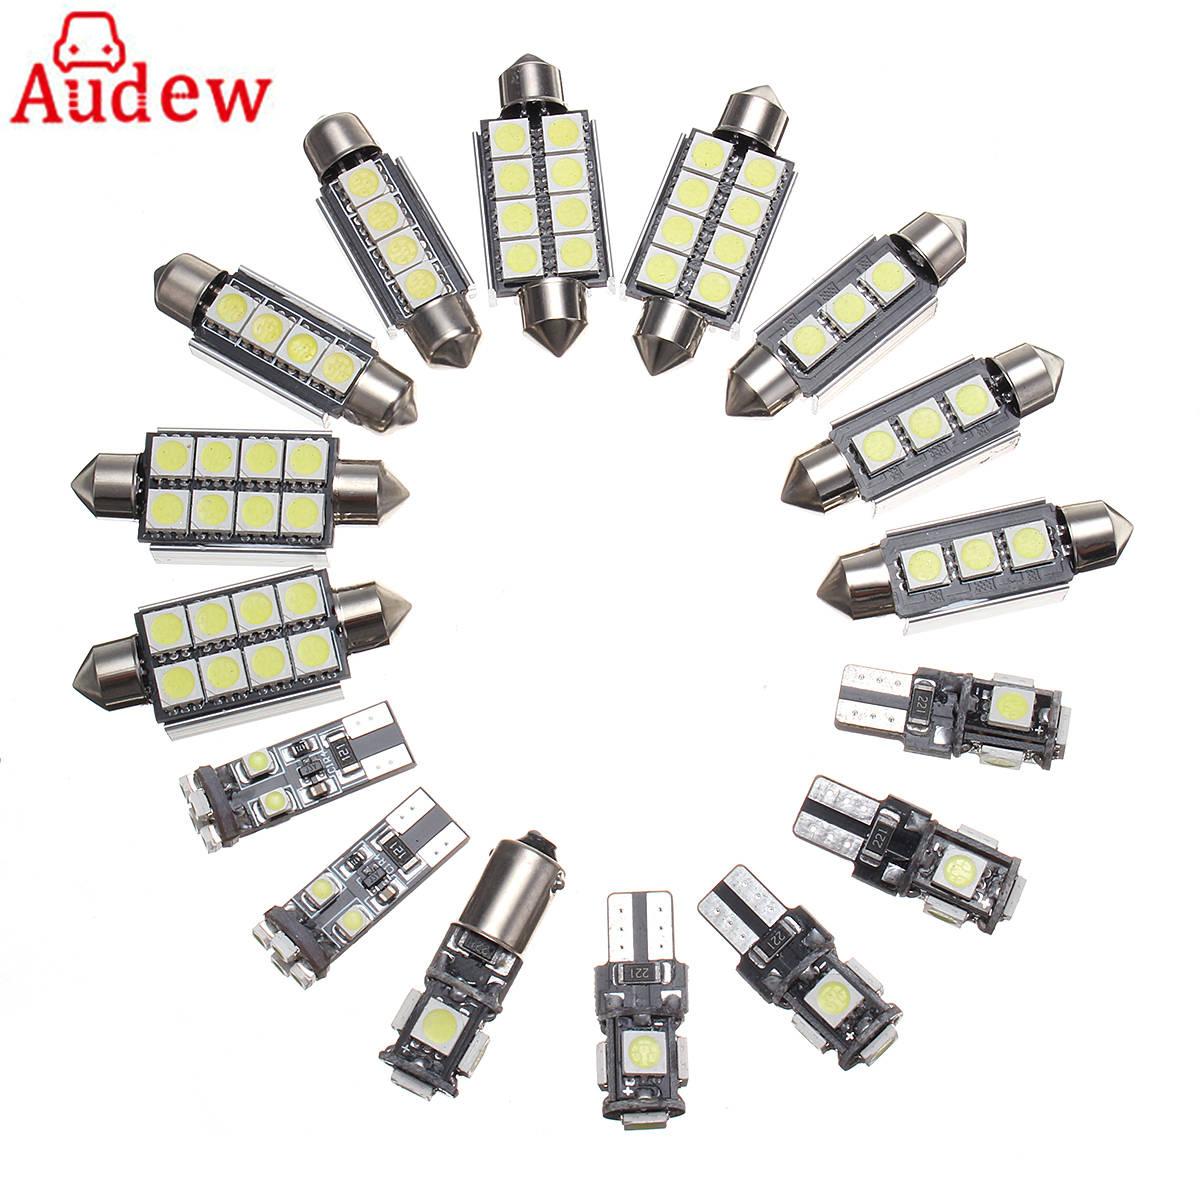 20pcs white canbus Car Interior font b lamp b font LED Light Kit for Audi A4